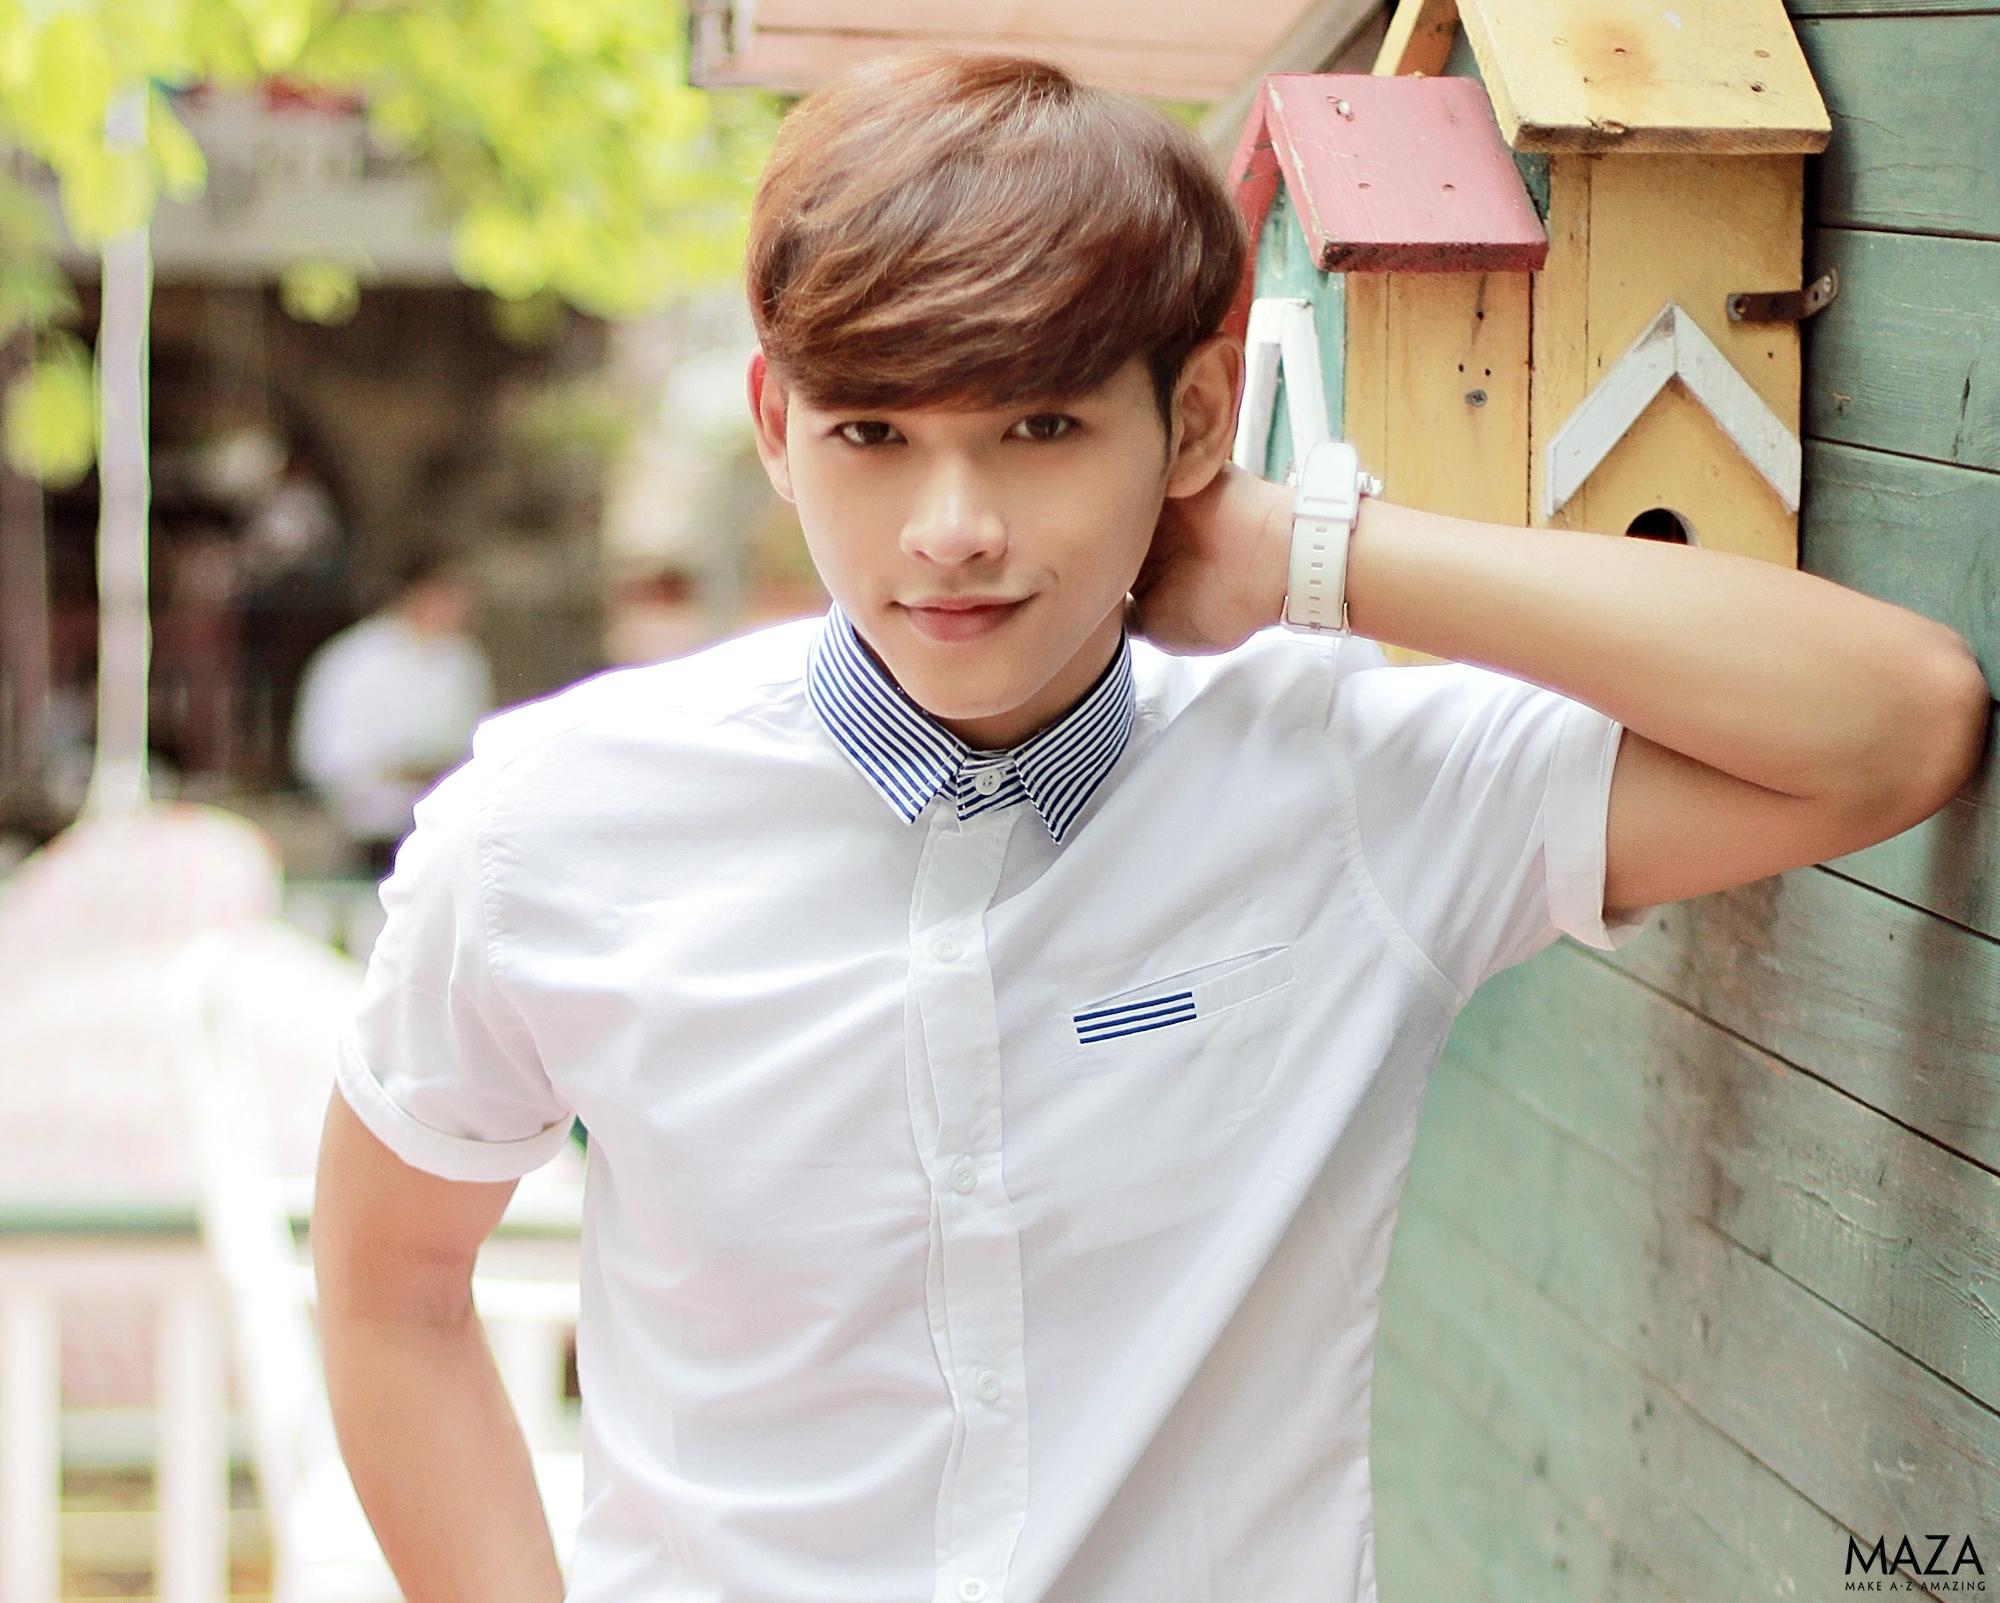 Diện áo sơ mi tay ngắn theo phong cách Hàn Quốc